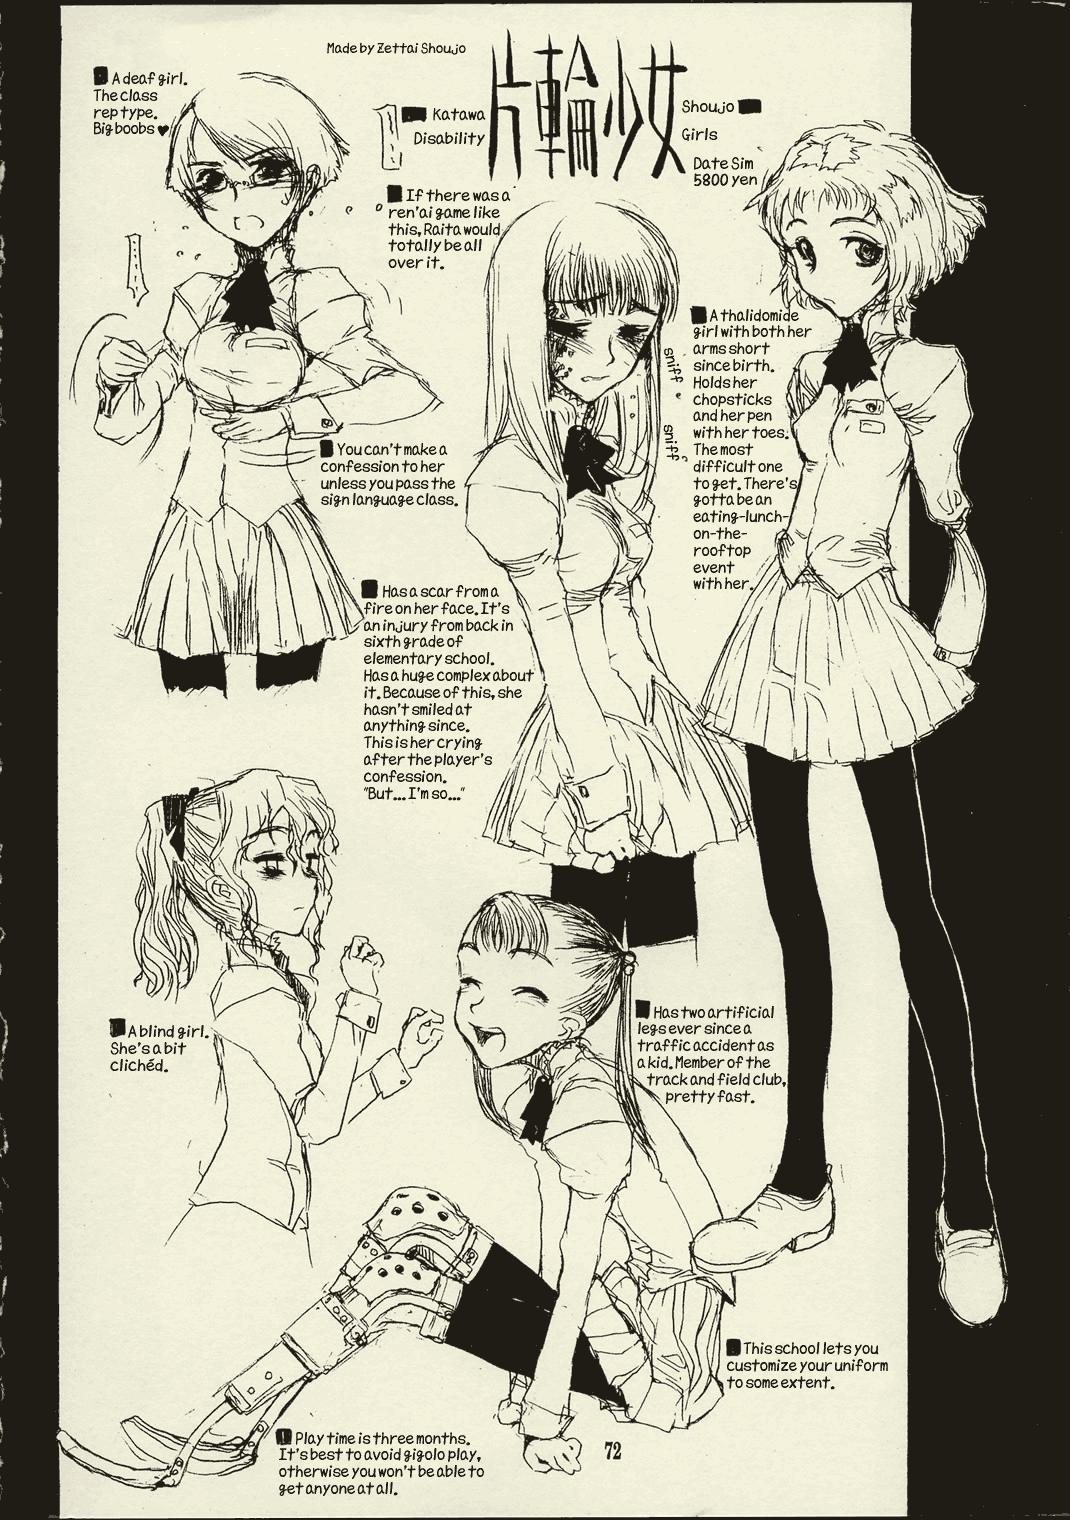 mahou_shoujo_(raita) Kirito x asuna fanfiction lemon